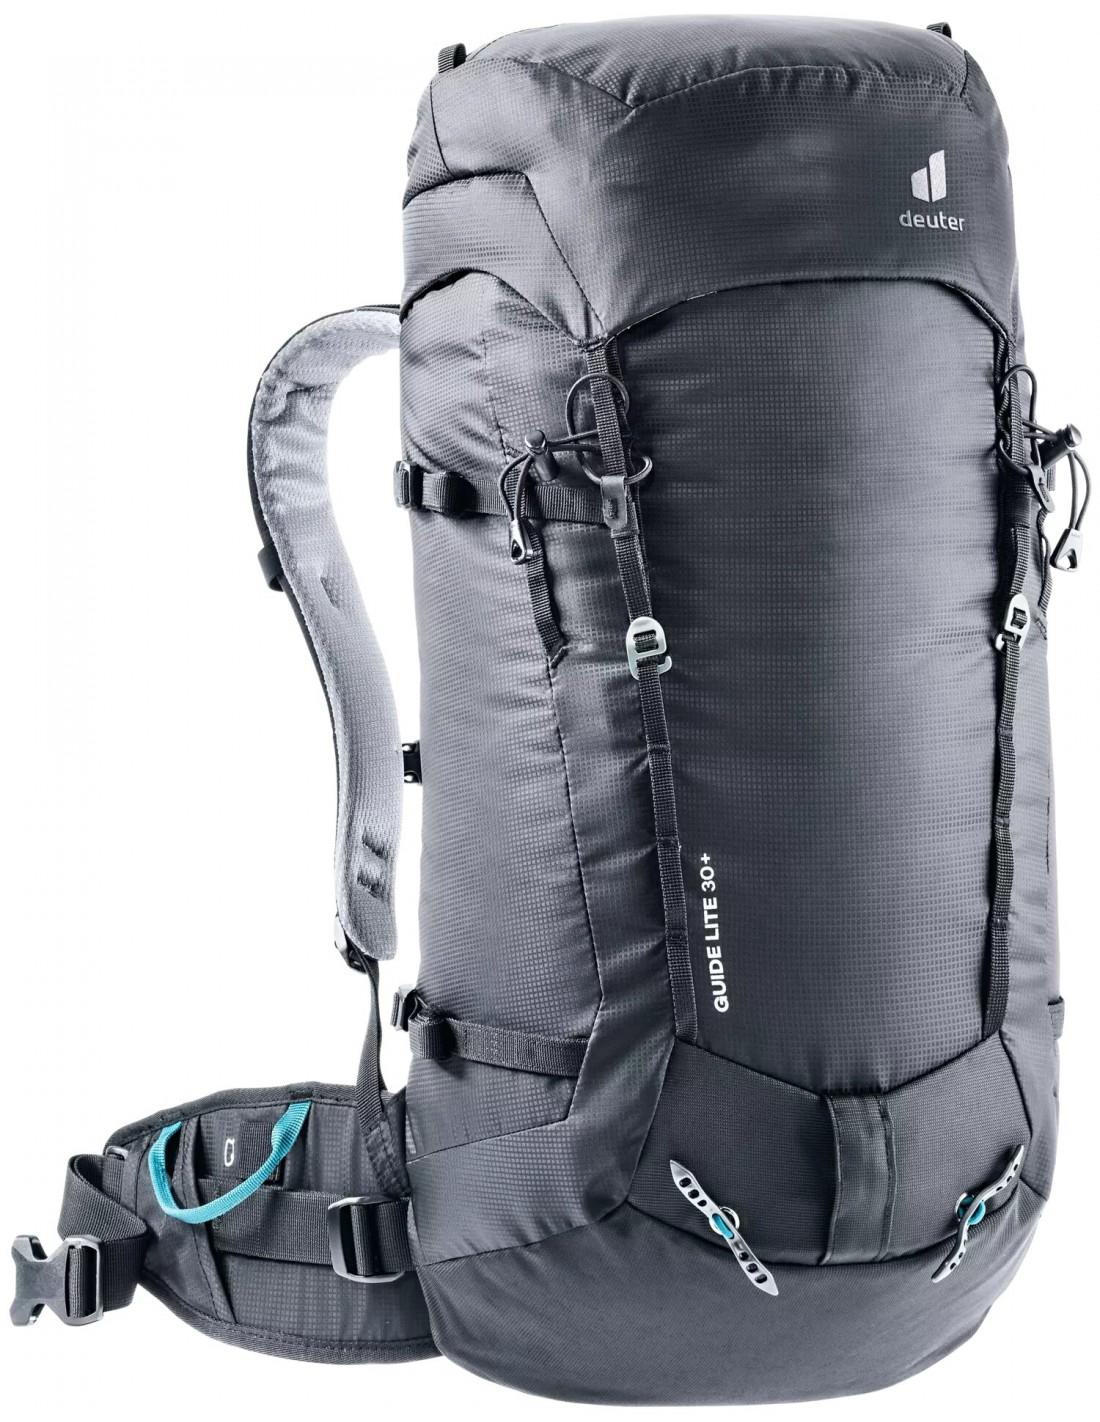 Deuter Rucksack Guide Lite 30+, black Rucksackart - Wandern & Trekking, Ruc günstig online kaufen